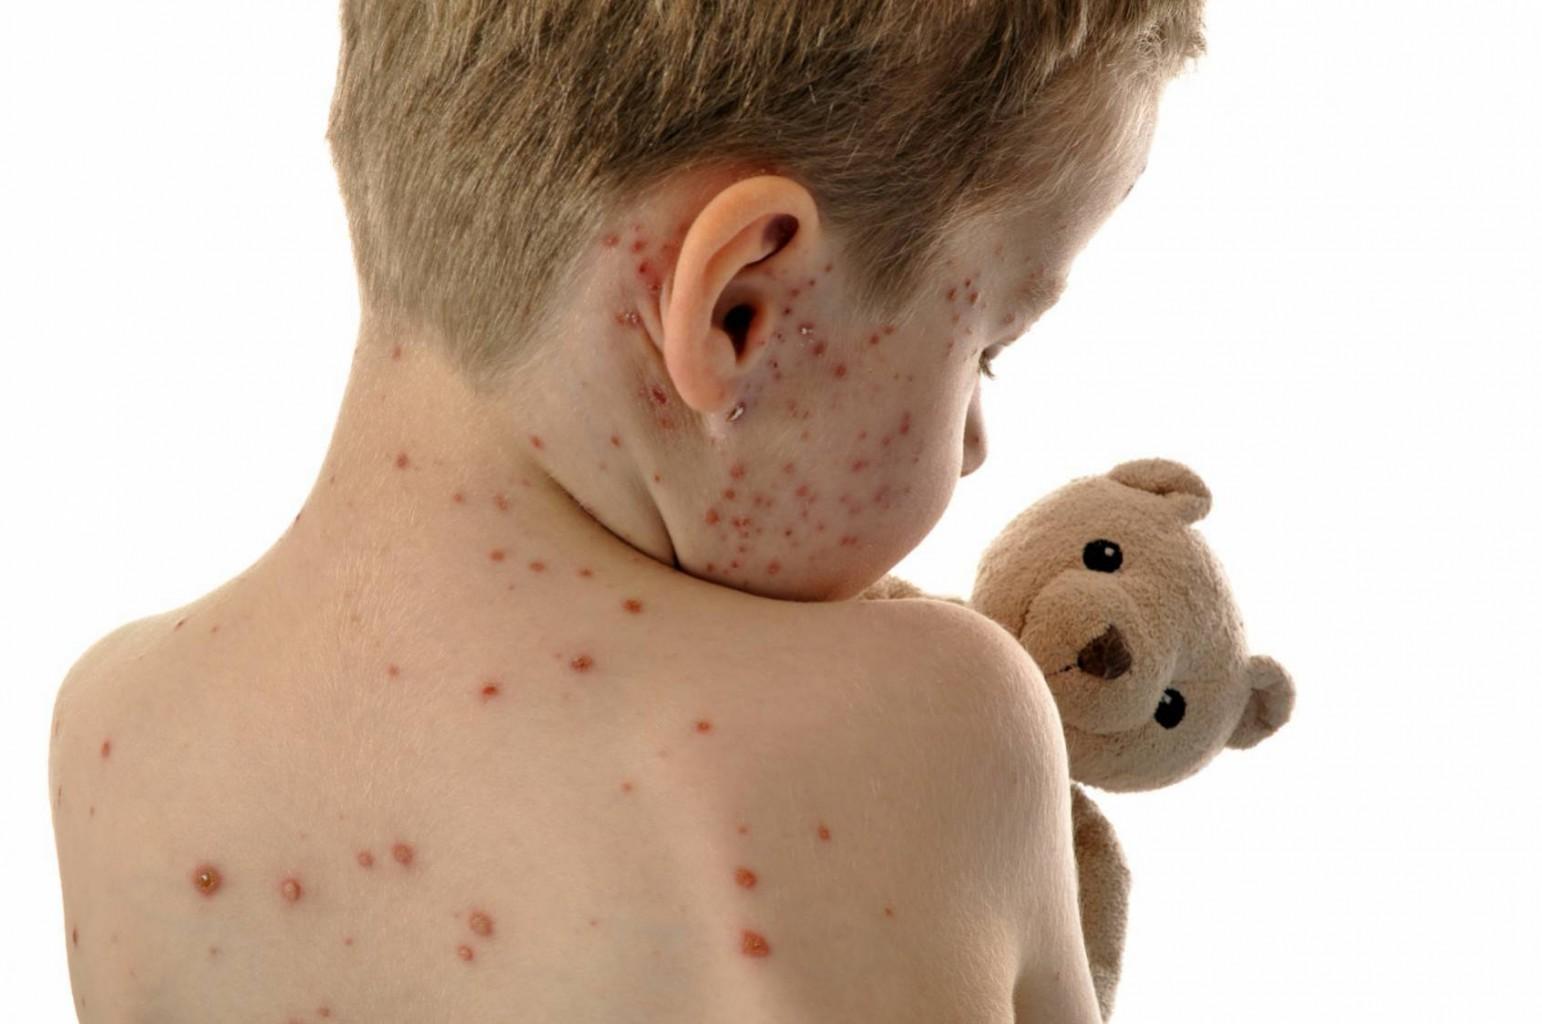 ALERTA! Departamento de Salud confirma caso de sarampión en Oklahoma